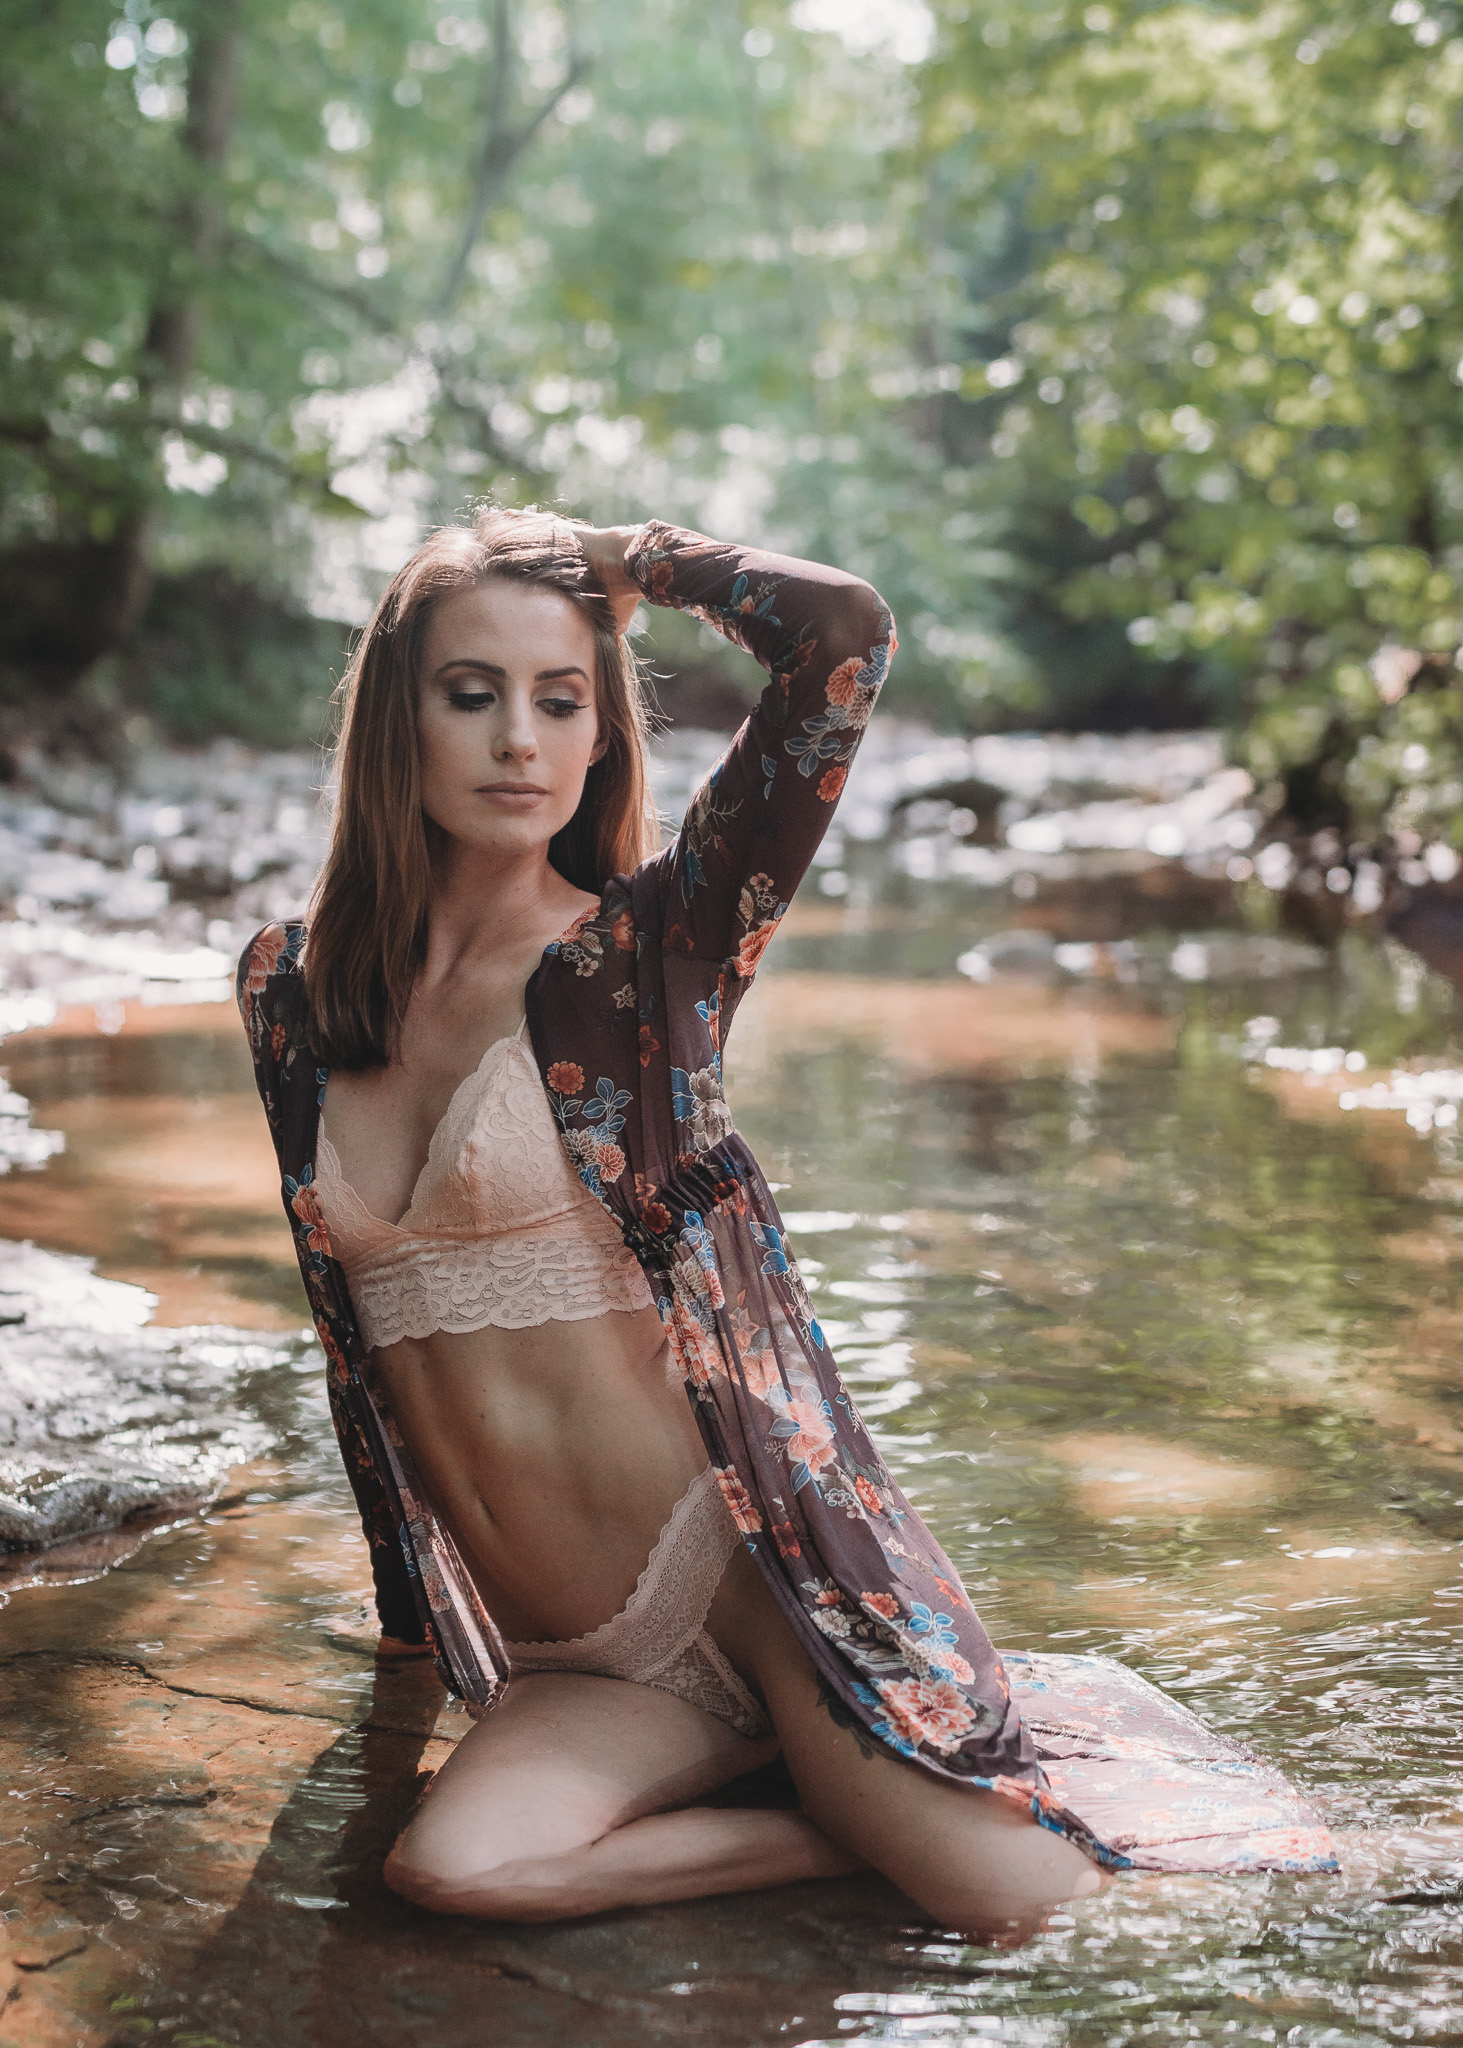 sitting in water boudoir pose